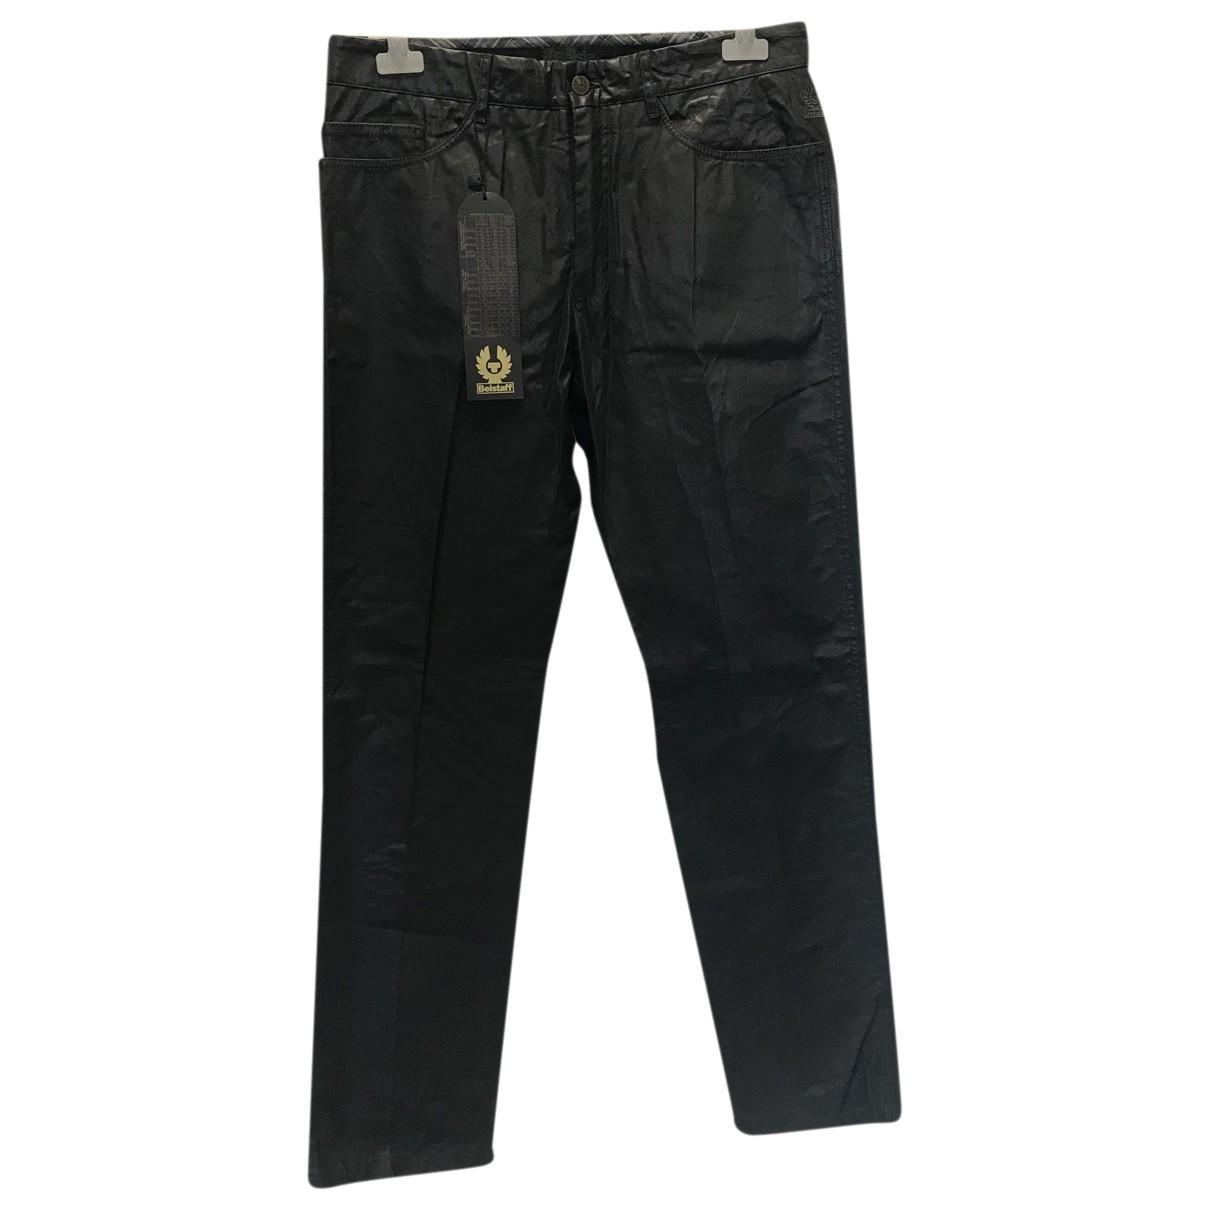 Pantalones en Poliester Negro Belstaff